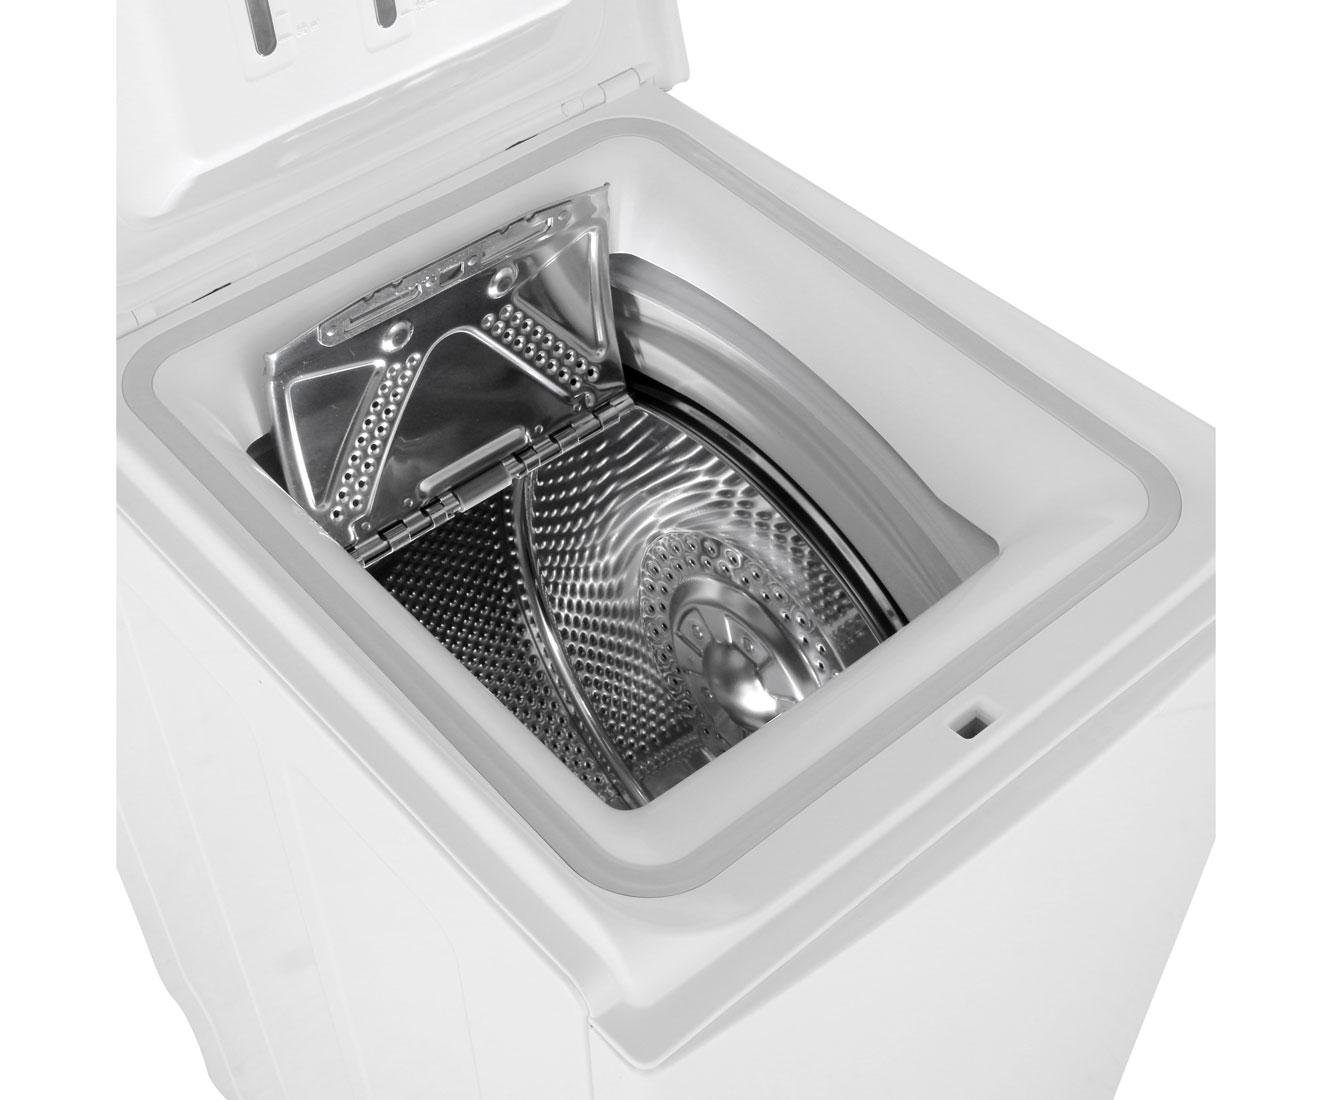 bauknecht wmt ecostar 6z bw waschmaschine freistehend wei neu ebay. Black Bedroom Furniture Sets. Home Design Ideas